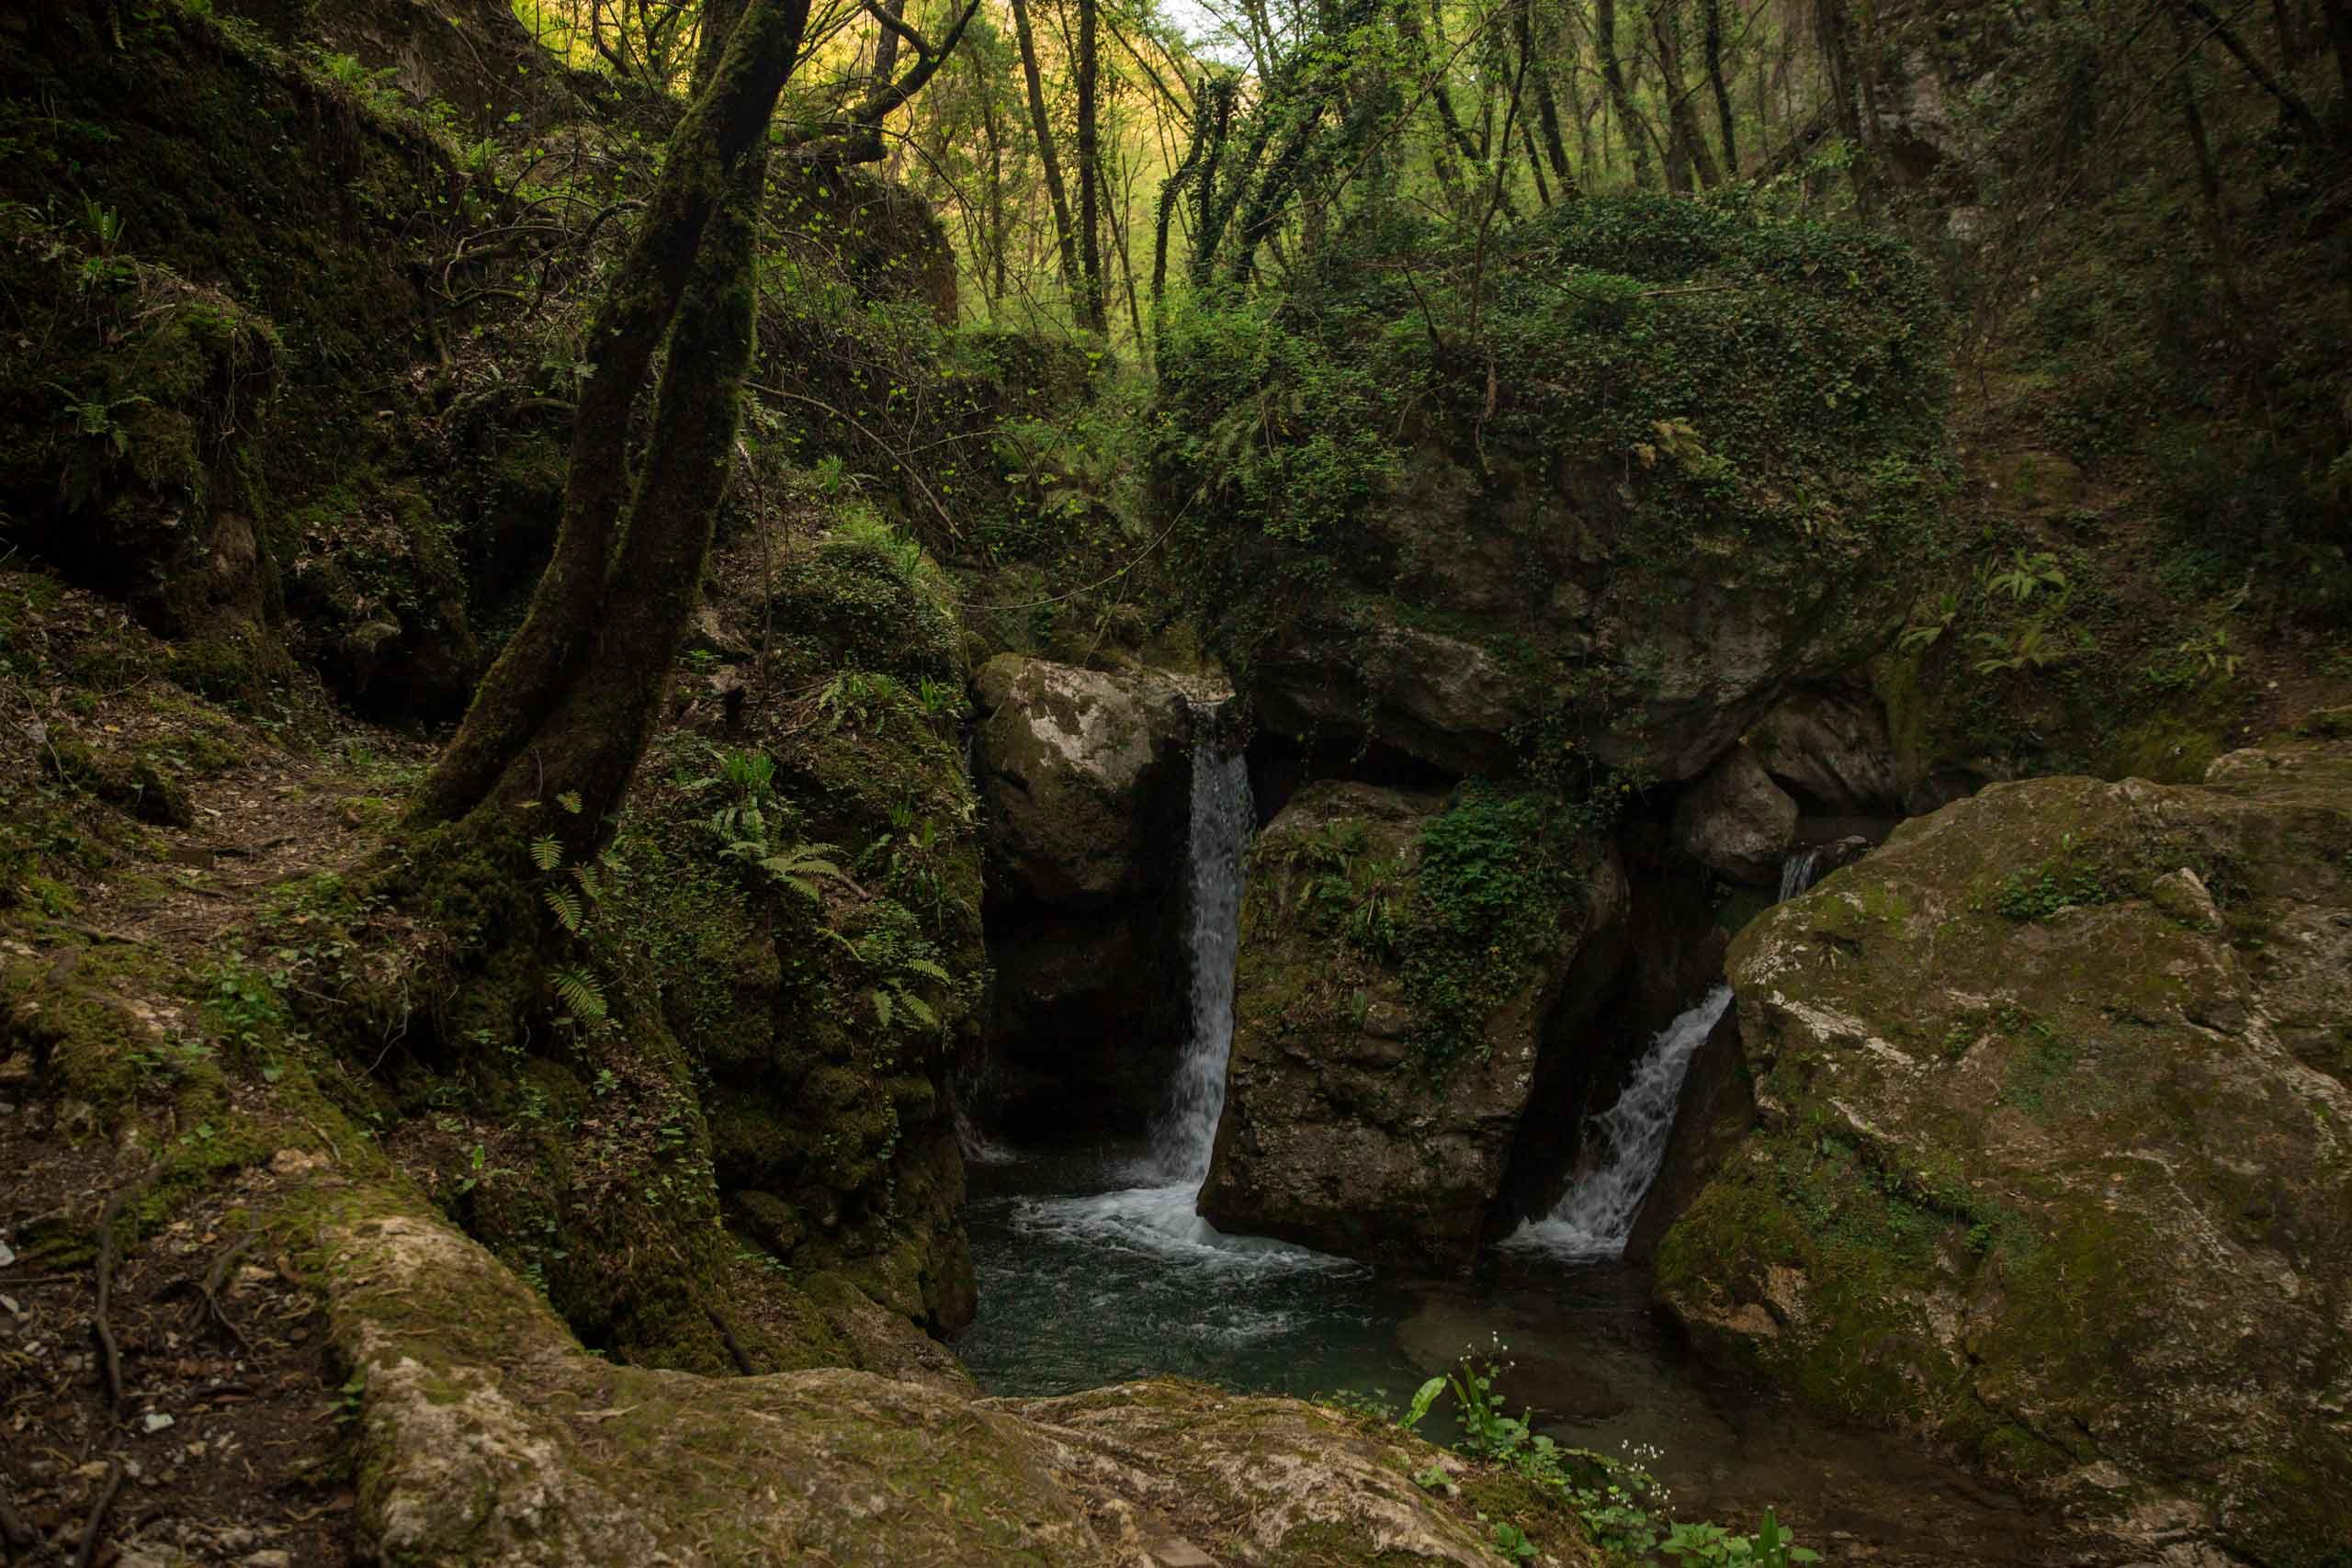 Candalla, Campallorzo e Grotta all'Onda